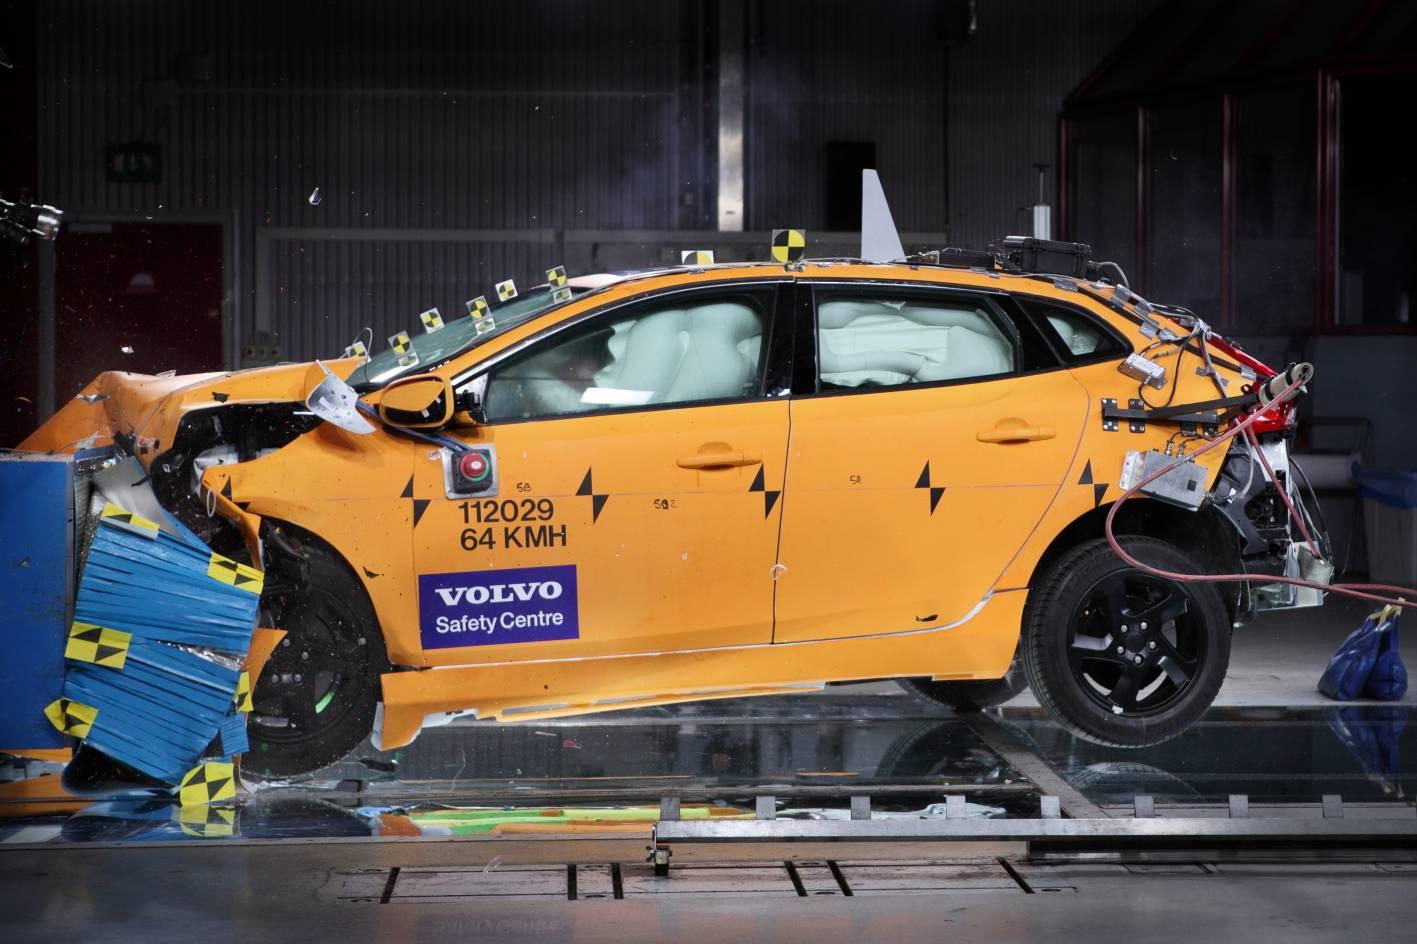 Volvo-como-la-marca-mas-segura-en-automóviles-rent-a-car-sevilla